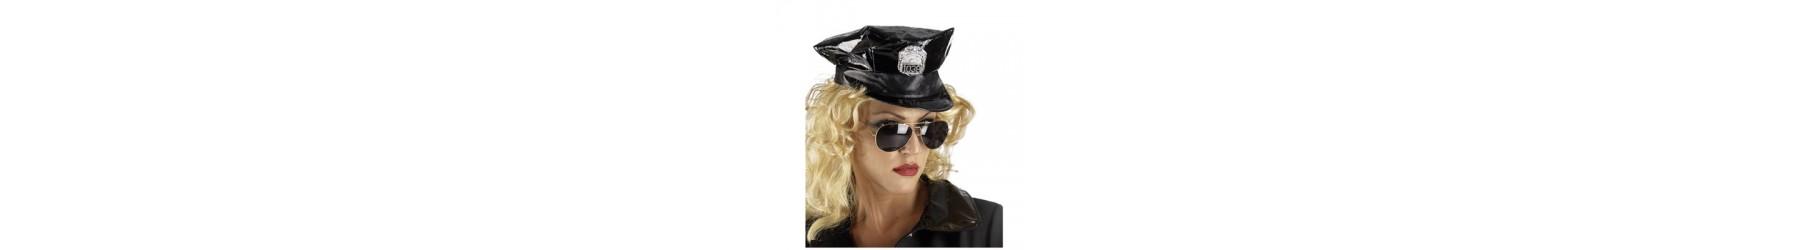 Αξεσουάρ για αποκριάτικες στολές αστυνομικού και Γκάνκστερ